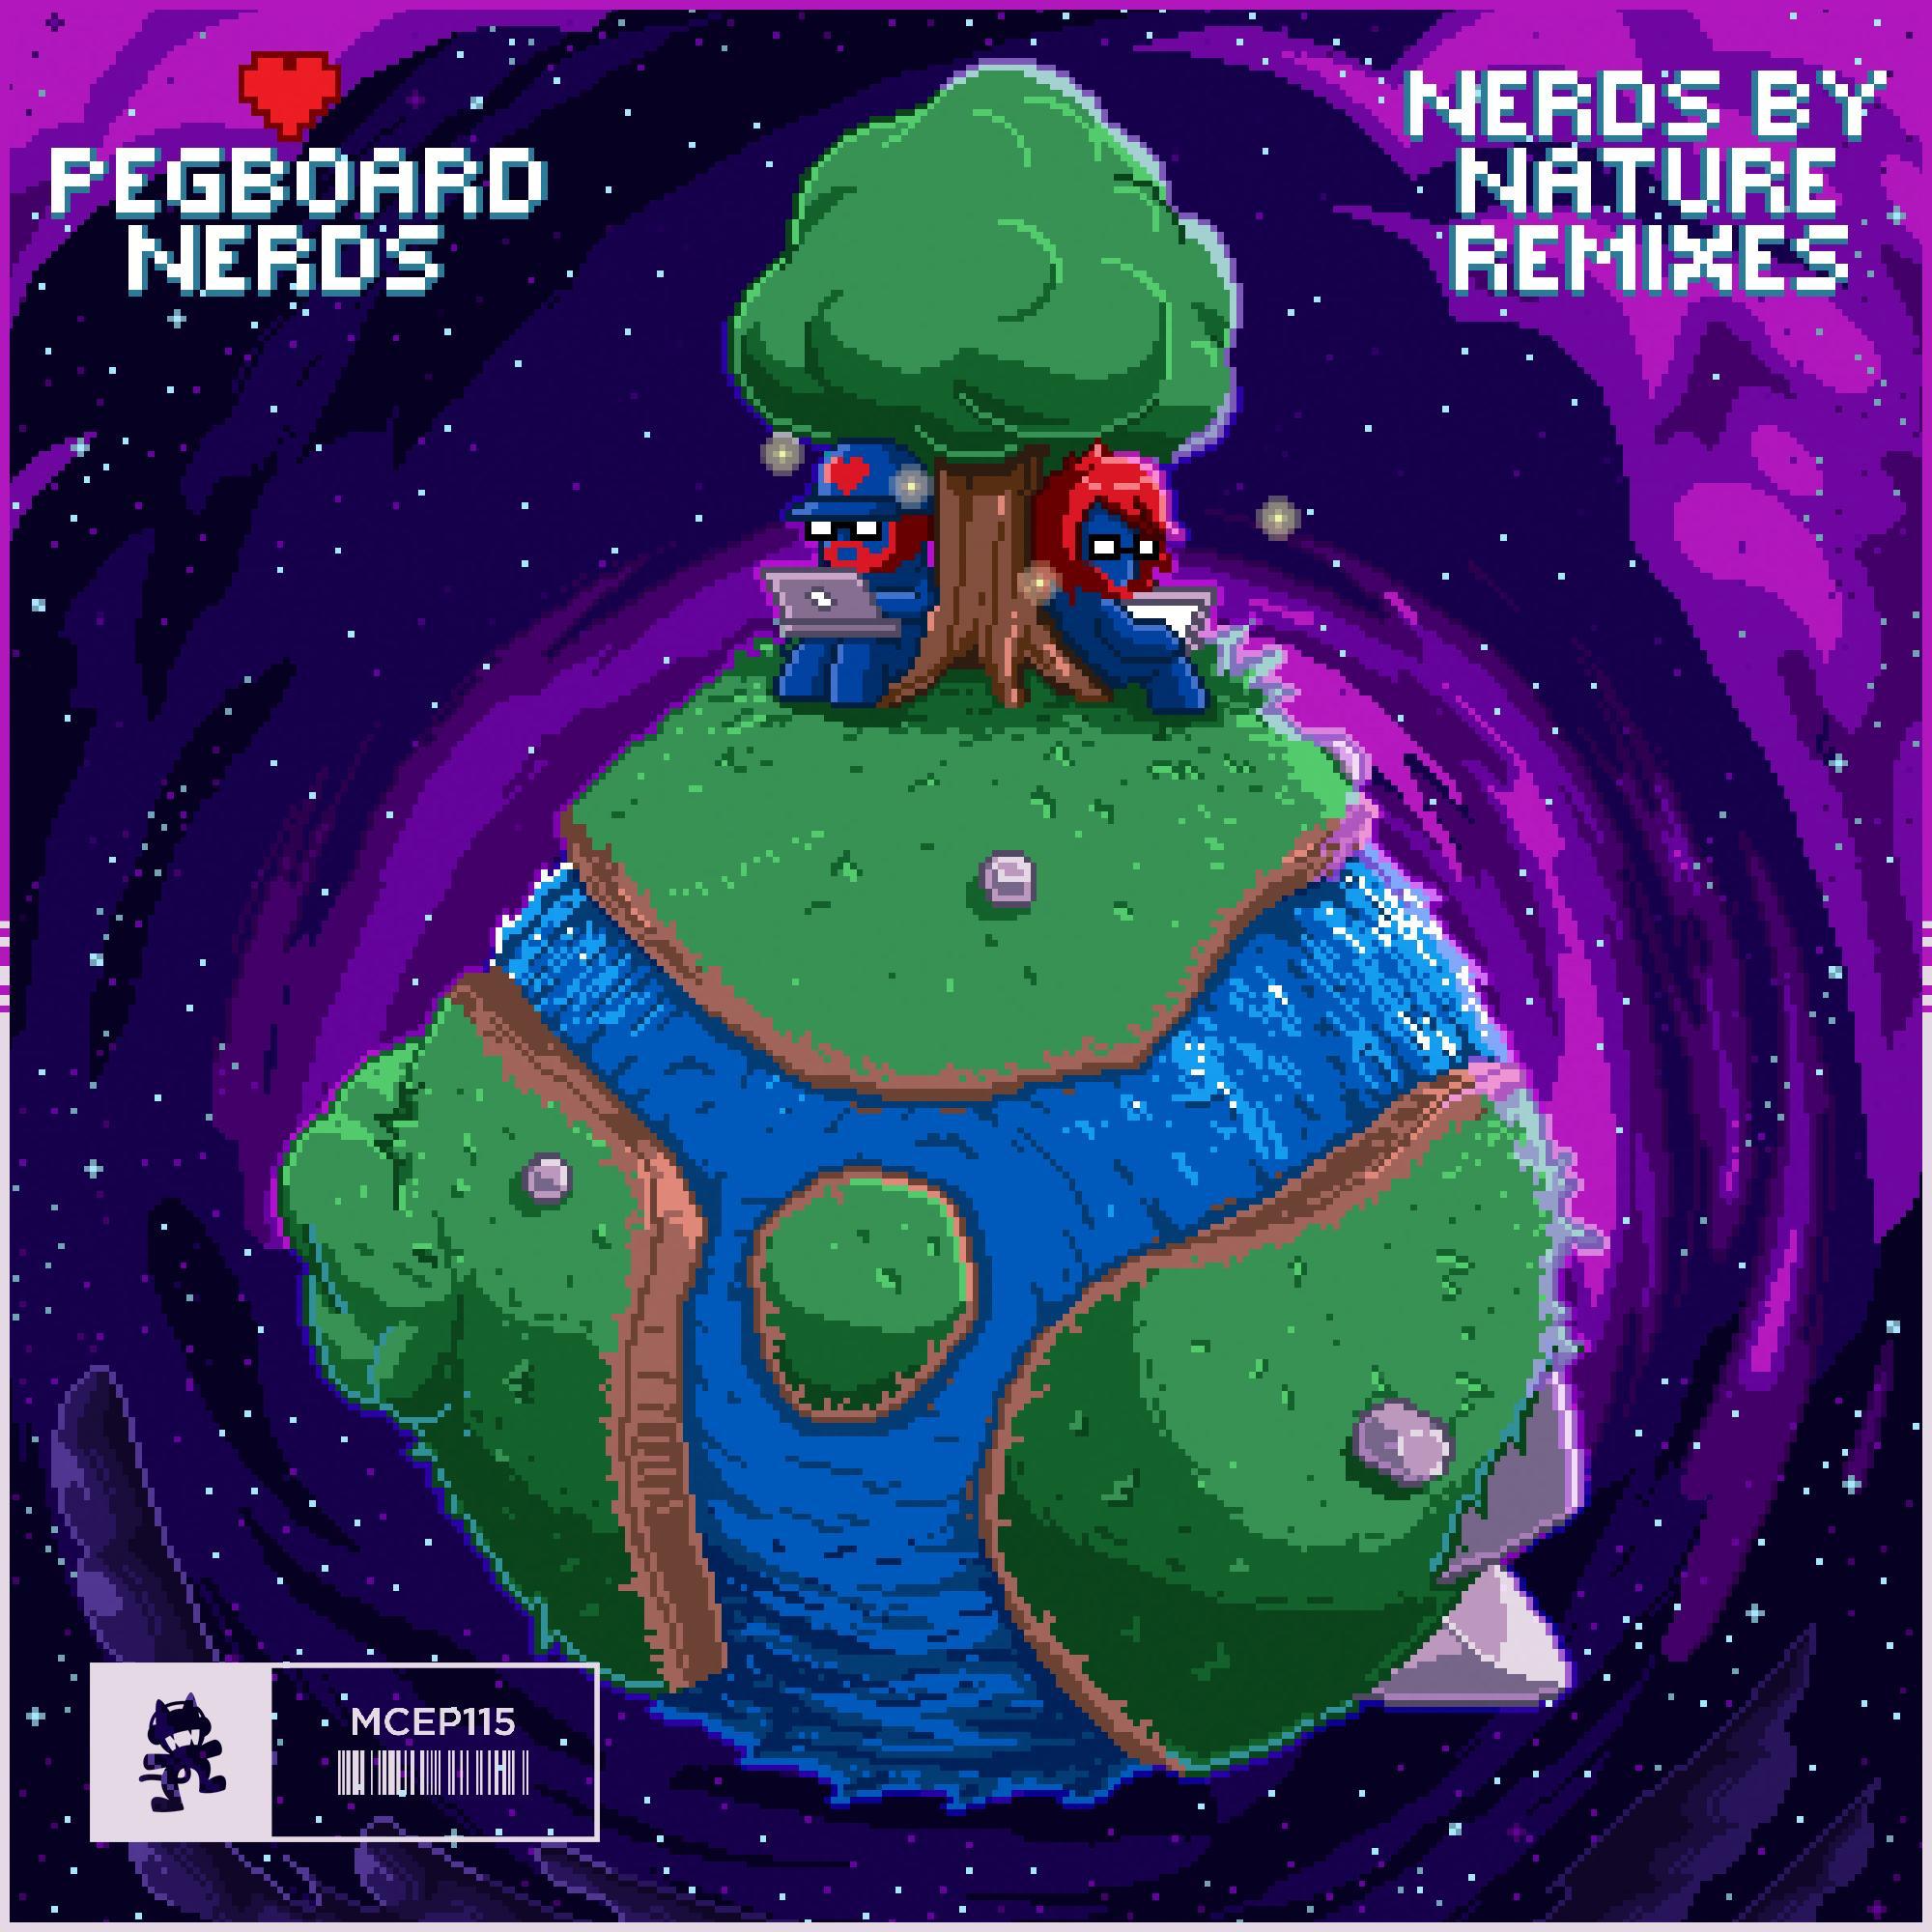 pegboard nerds heartbit bpm